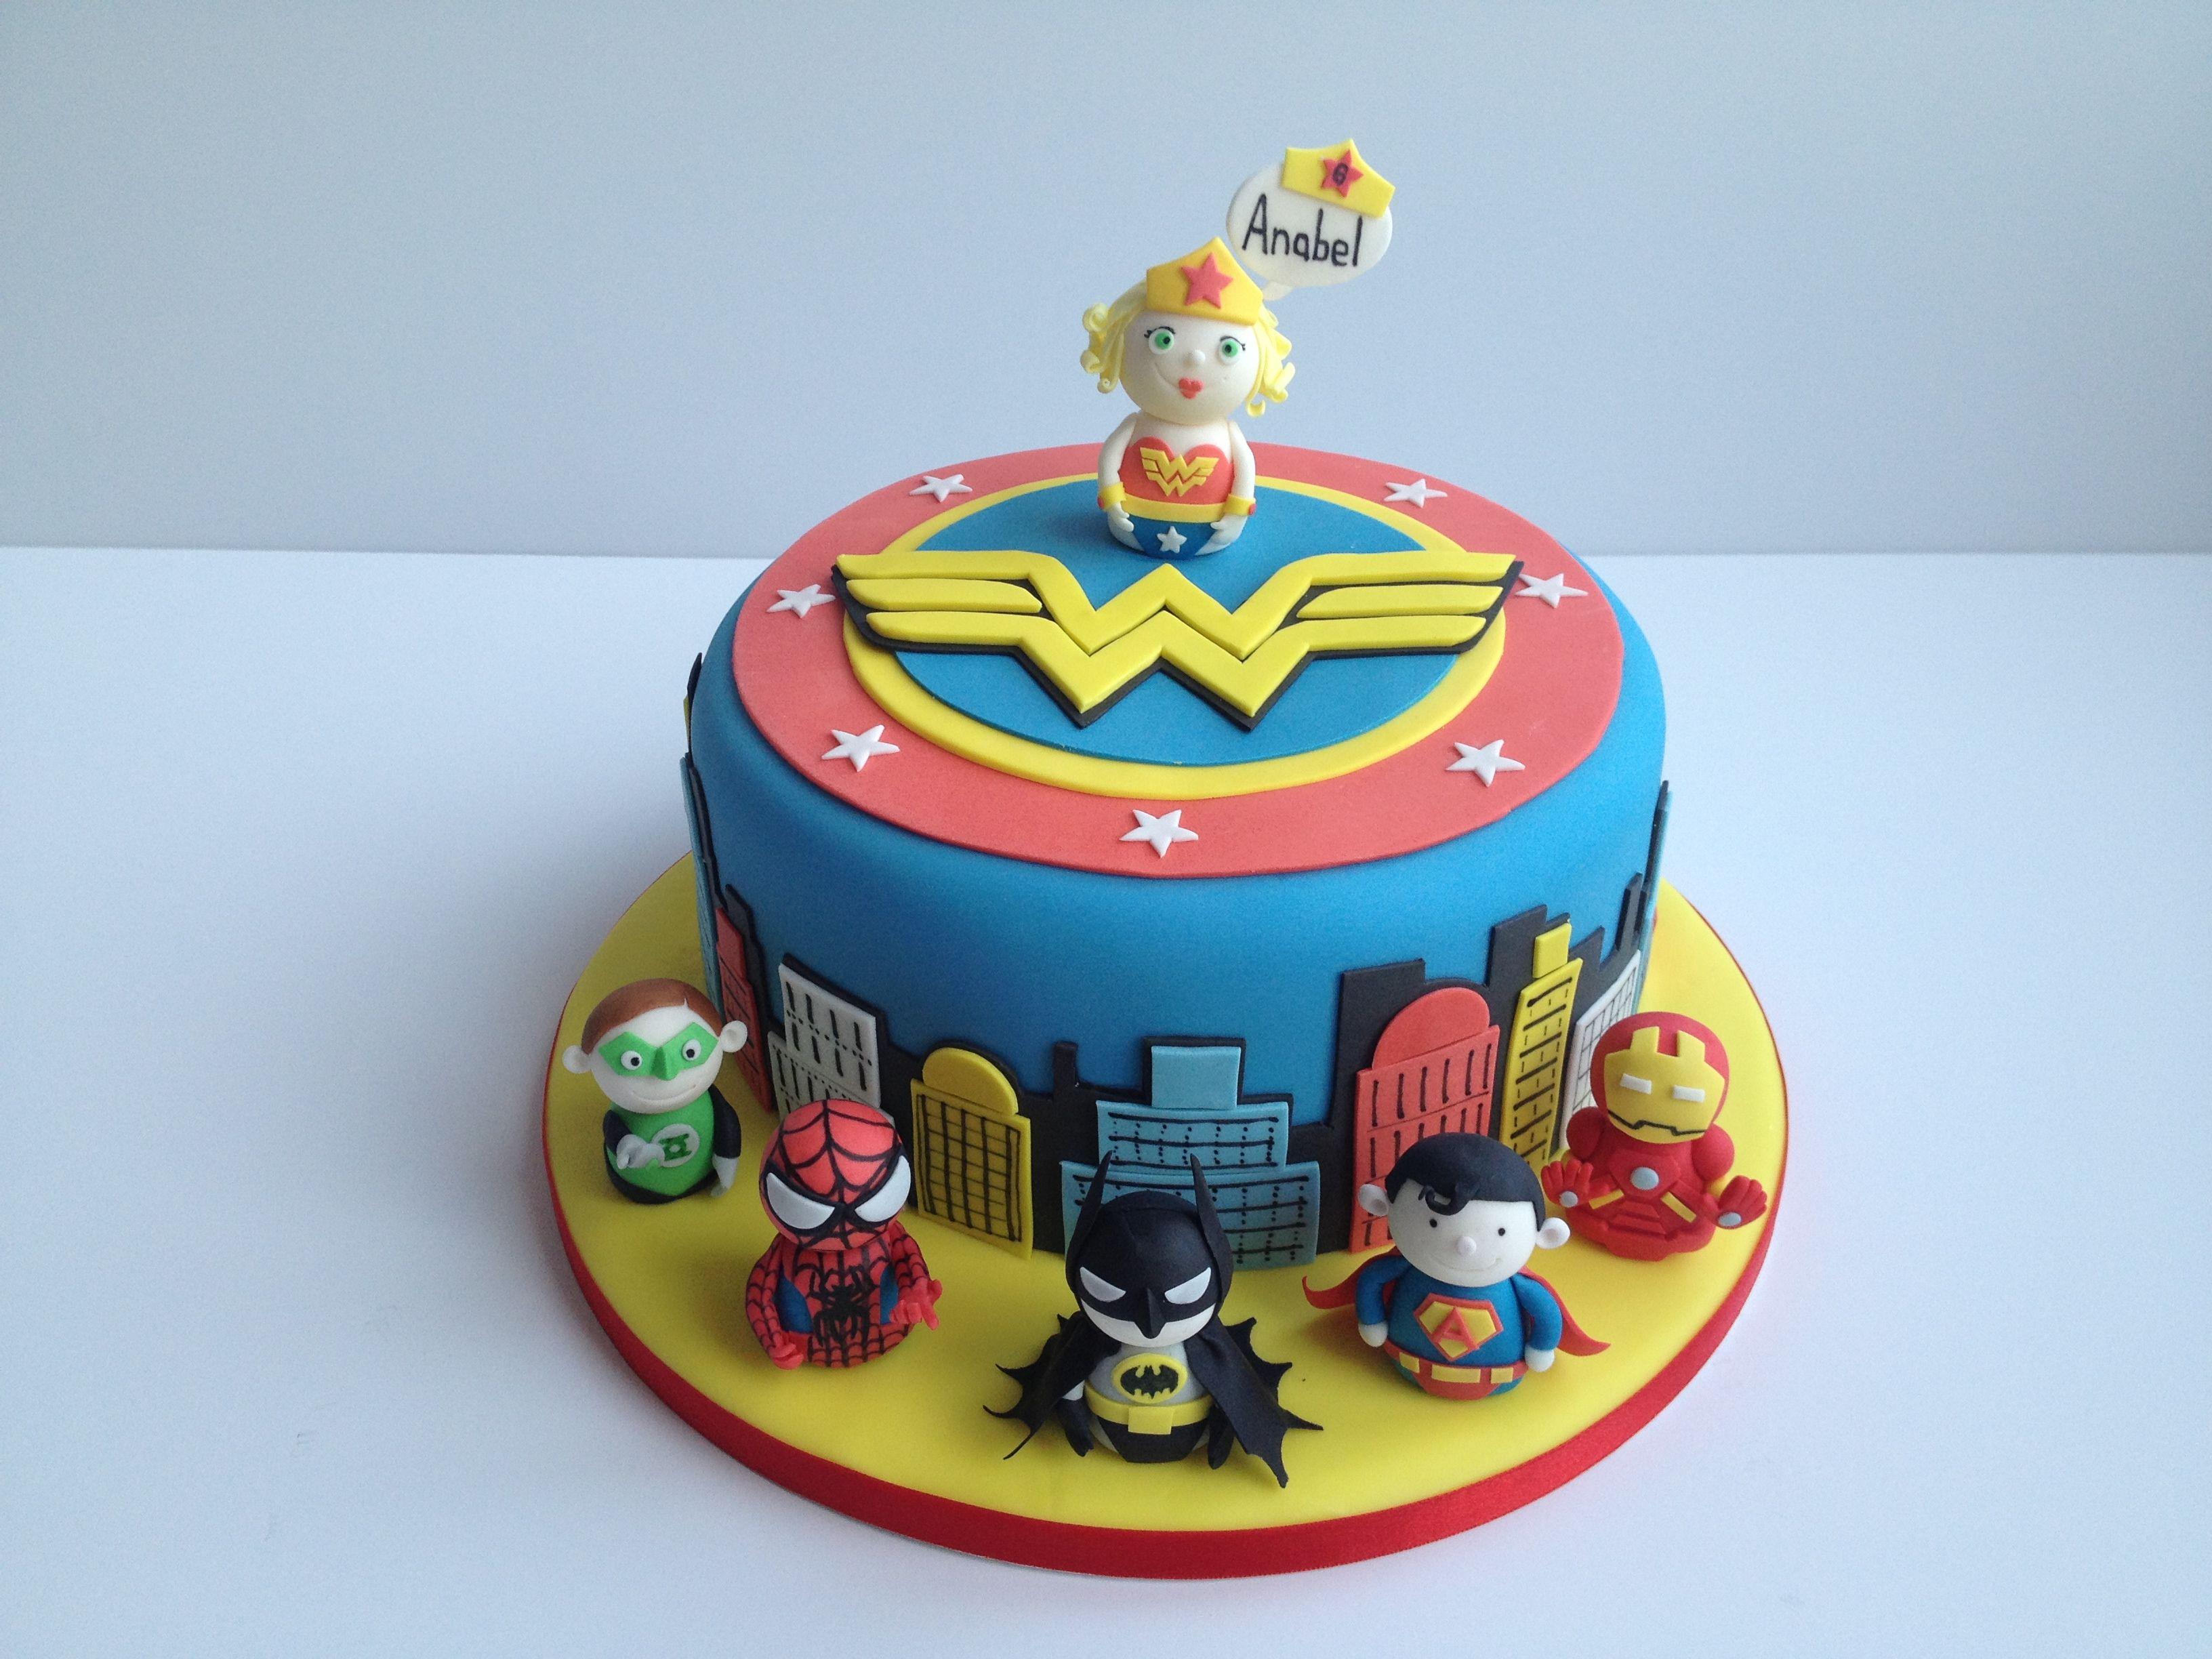 1000 ideas about superman cakes on pinterest batman cakes - Super Hero Cake Wonder Woman Cake Spiderman Cake Iron Man Cake Batman Cake